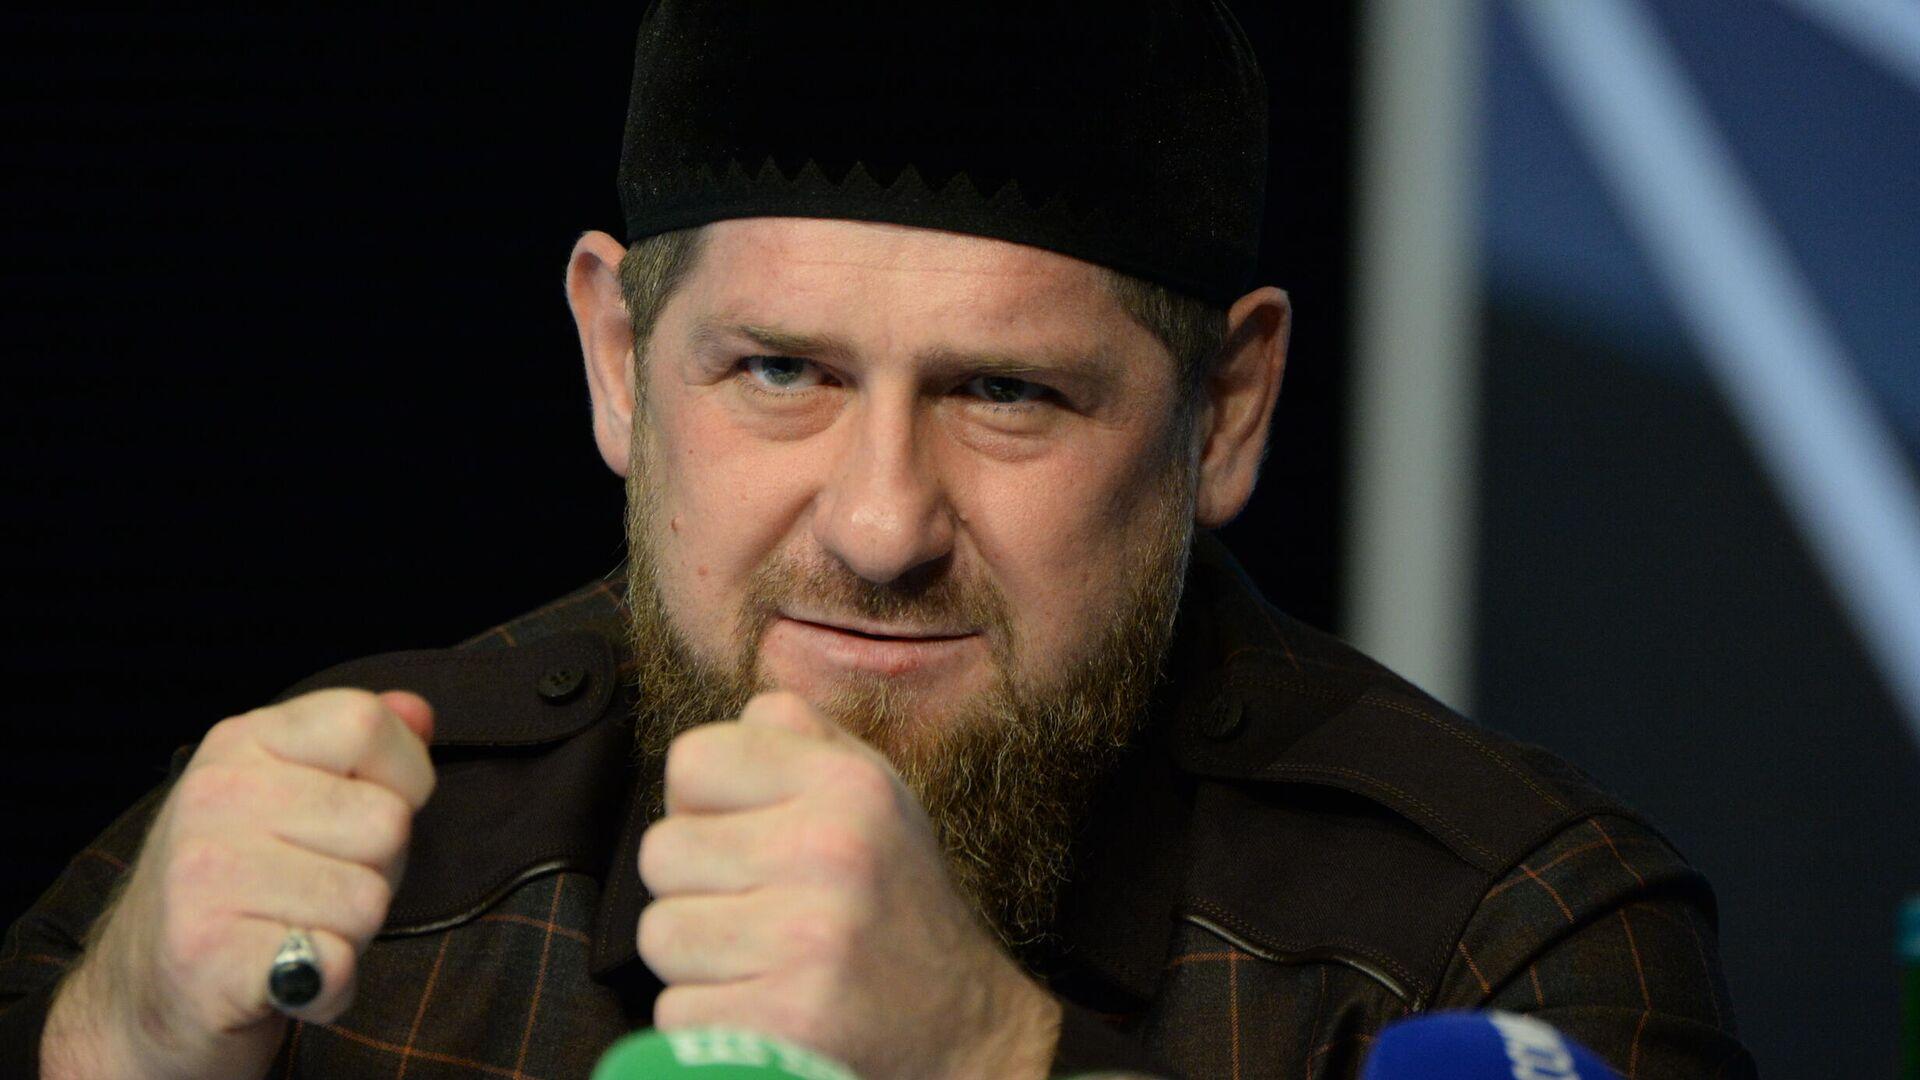 Глава Чеченской Республики Рамзан Кадыров на пресс-конференции в студии телеканала Грозный - РИА Новости, 1920, 17.05.2021